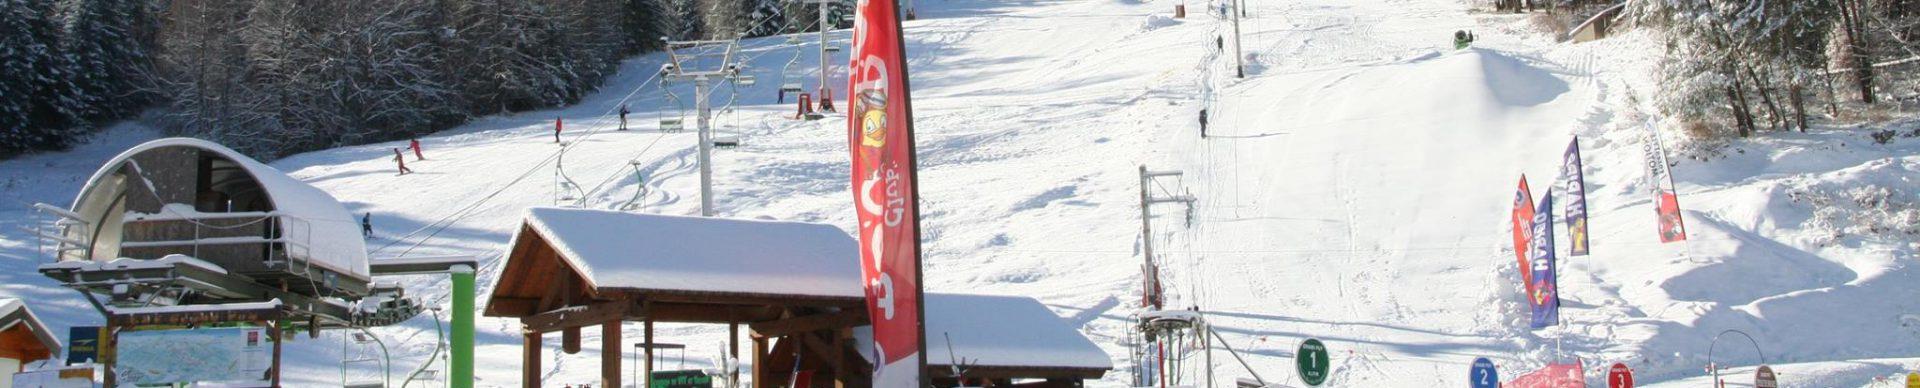 station de ski Le Grand-Puy ©Mairie Seyne-les-Alpes